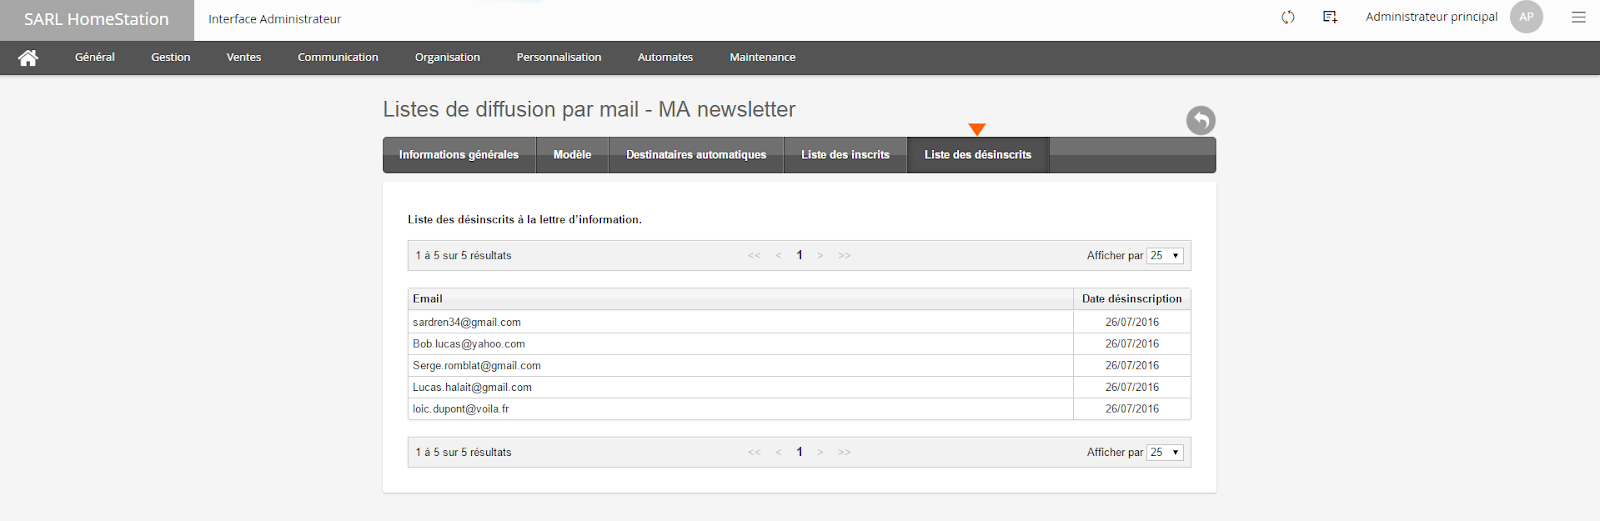 Listes de diffusion par mail -MA newsletter listeDesinscrit.png